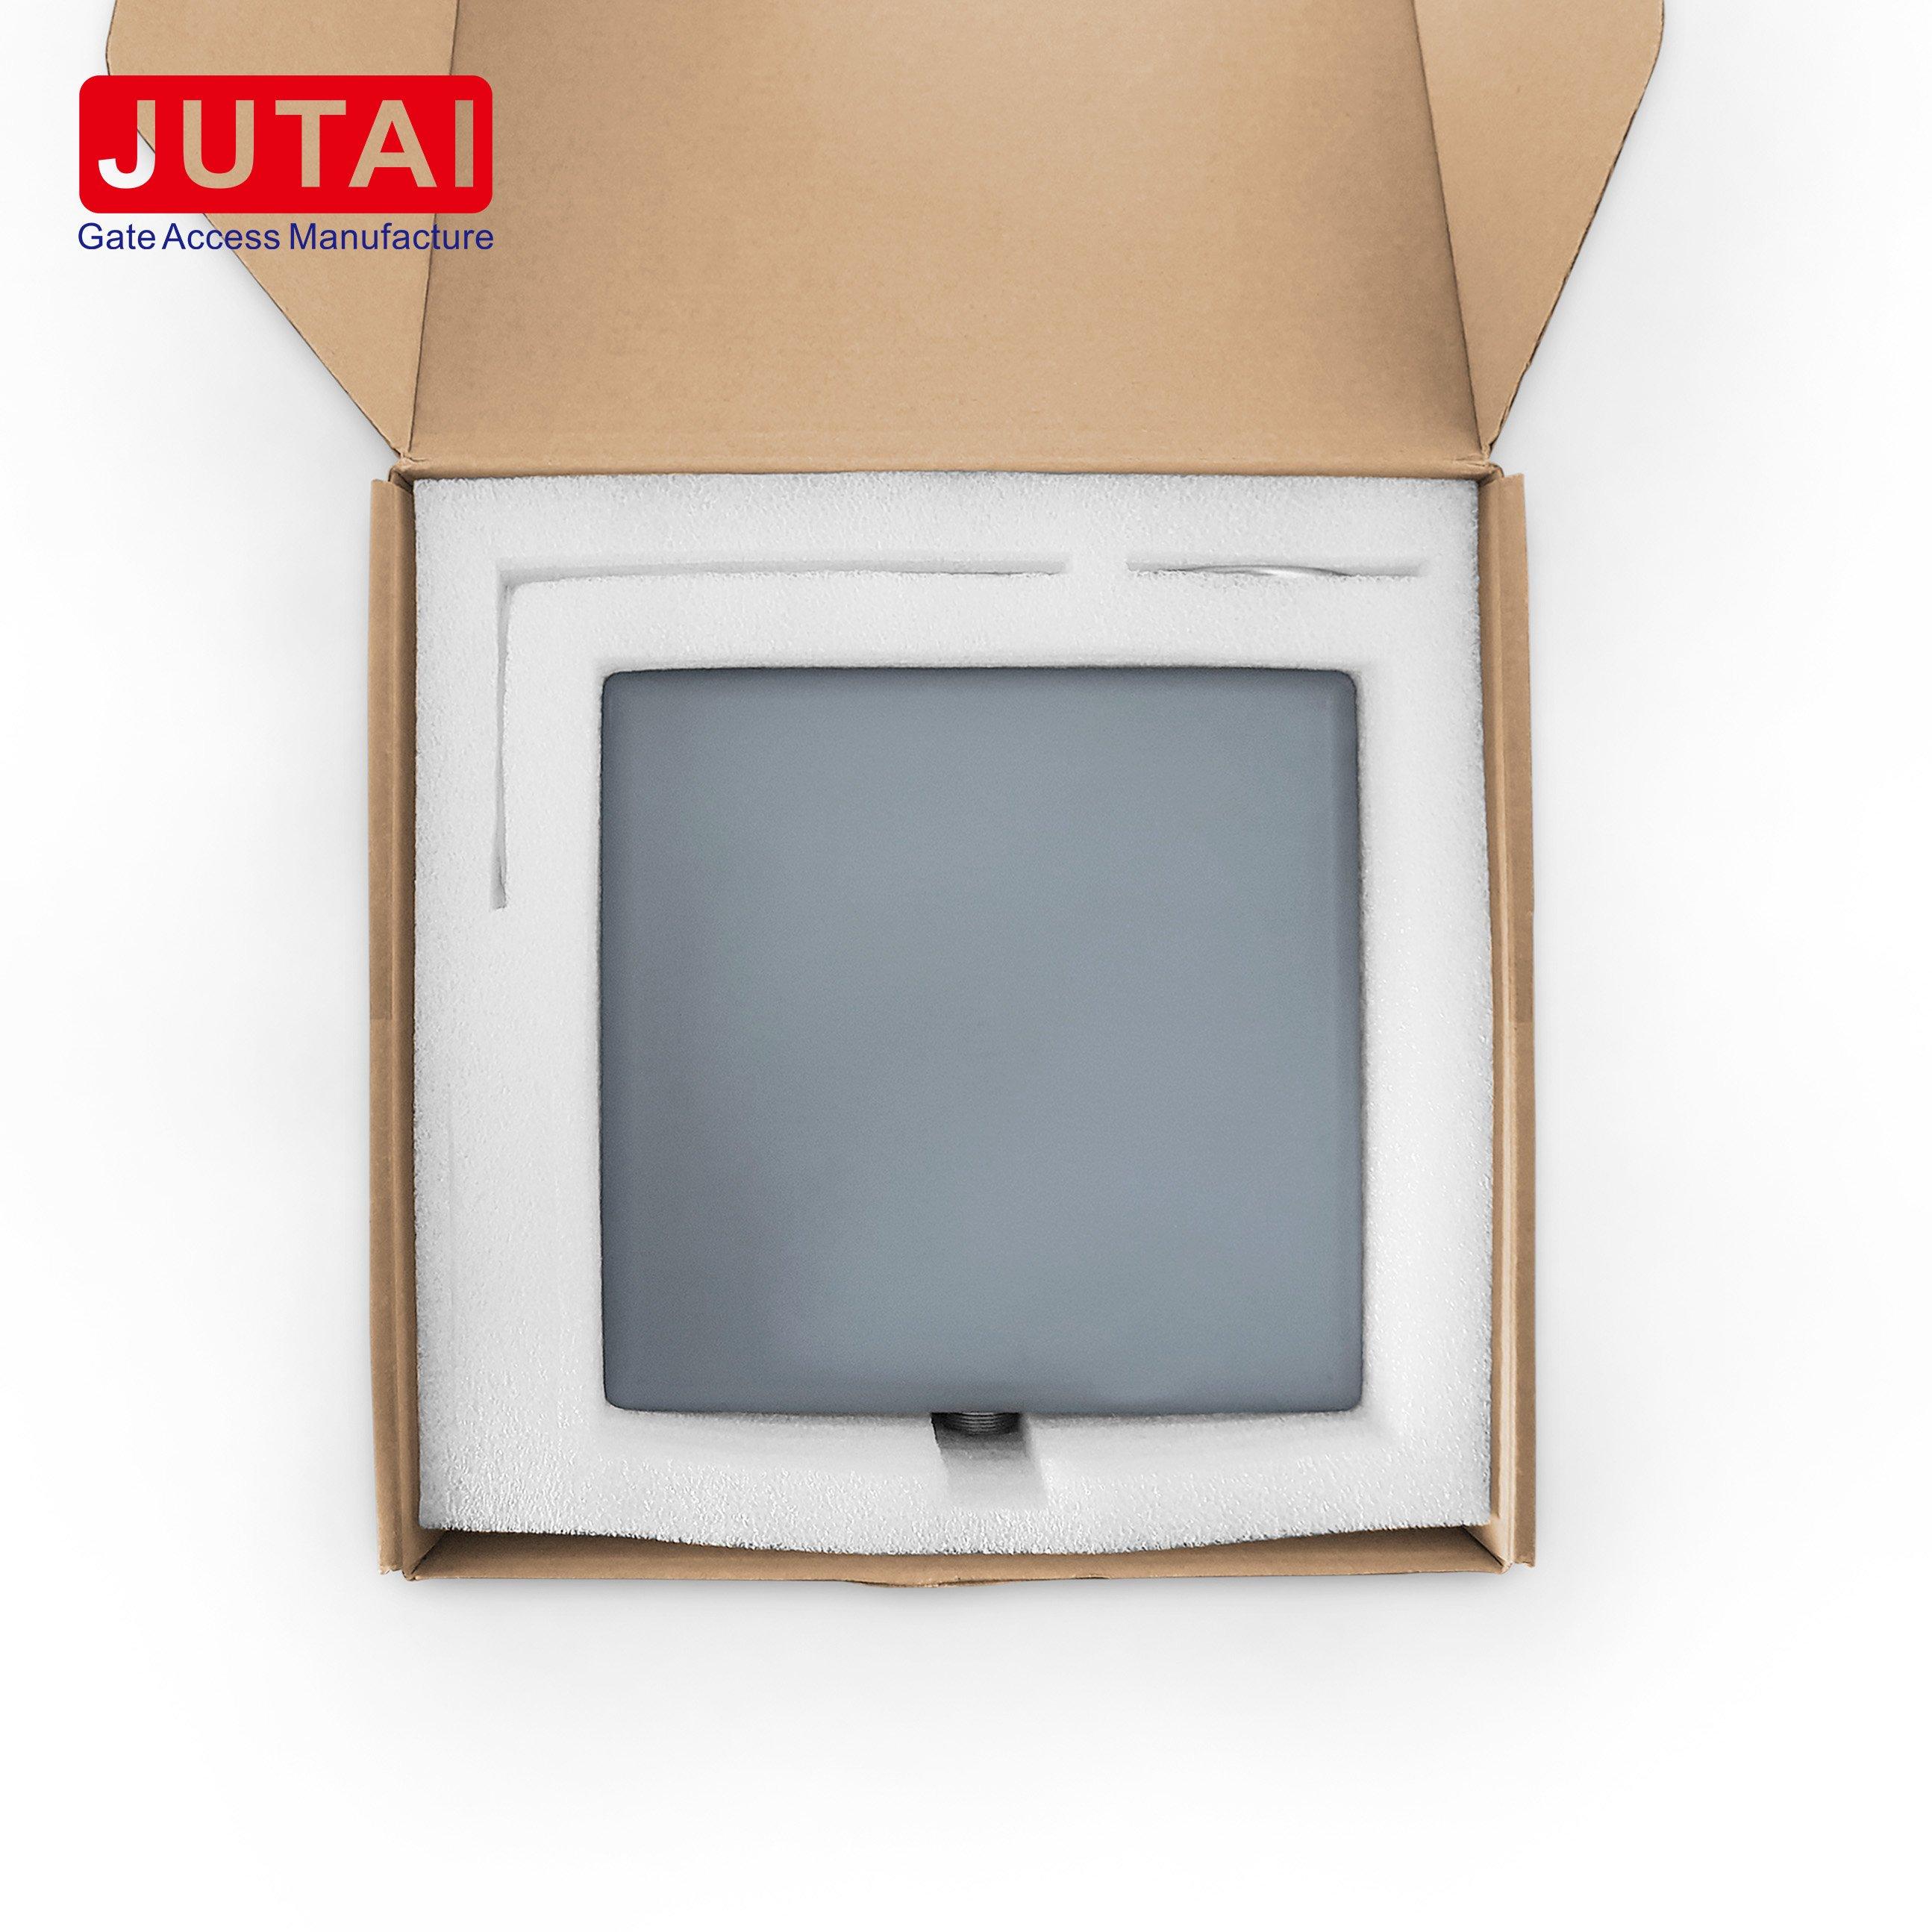 Lecteur RFID actif JUTAI 2.45G longue portée